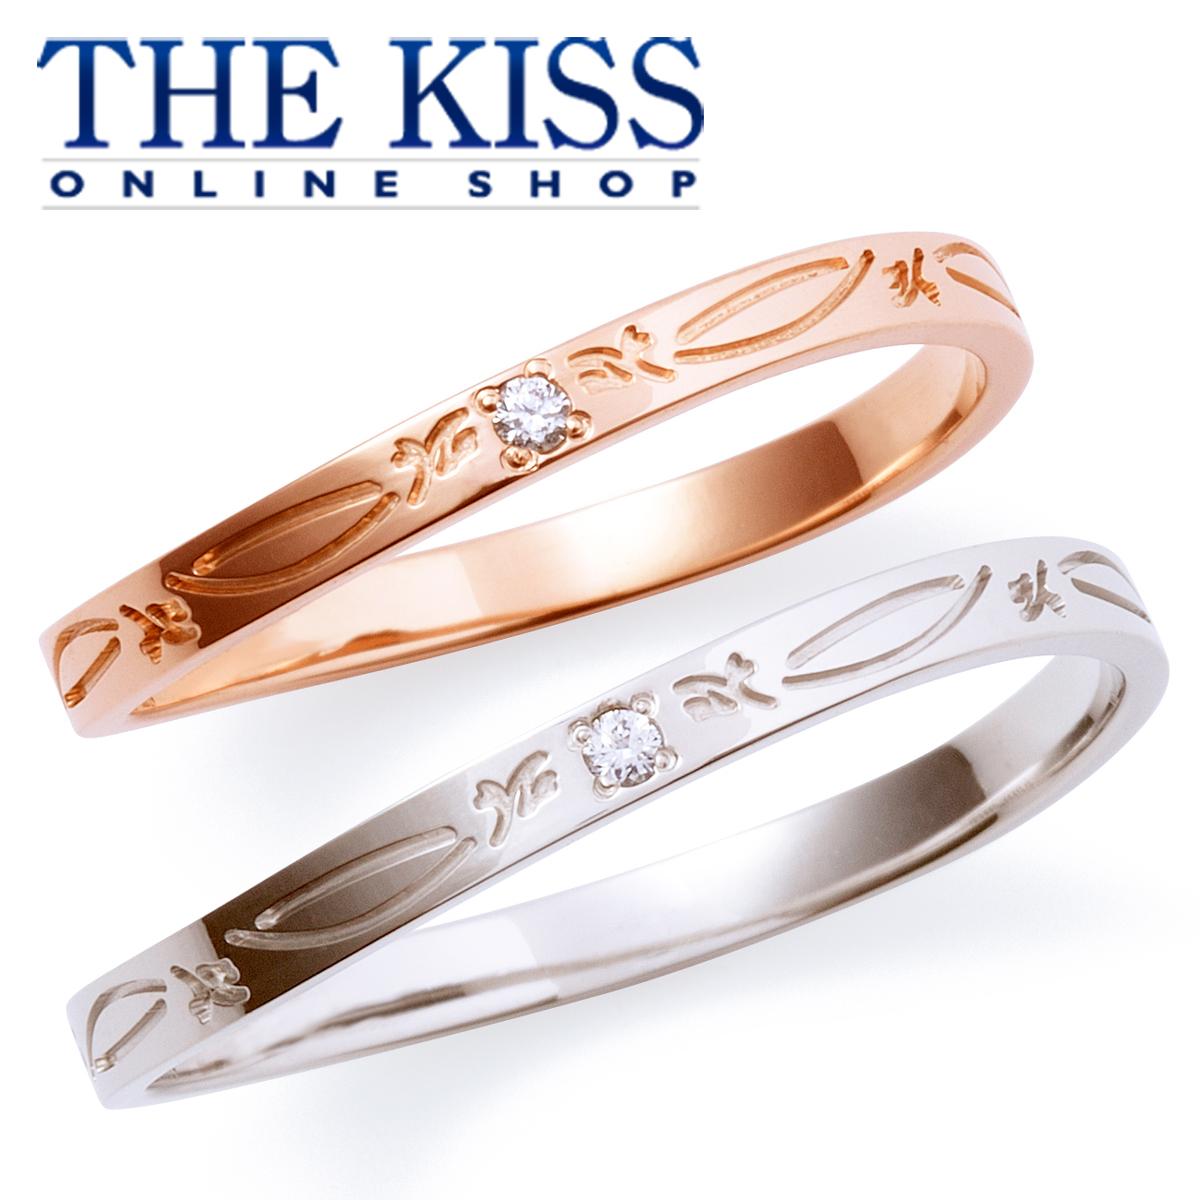 【送料無料】【THE KISS sweets】【ペアリング】 K10ピンク&ホワイトゴールド ダイヤモンド ペアリング K-R804PG-804WG ☆ ゴールド ペア リング 指輪 ブランド GOLD Pair Ring couple